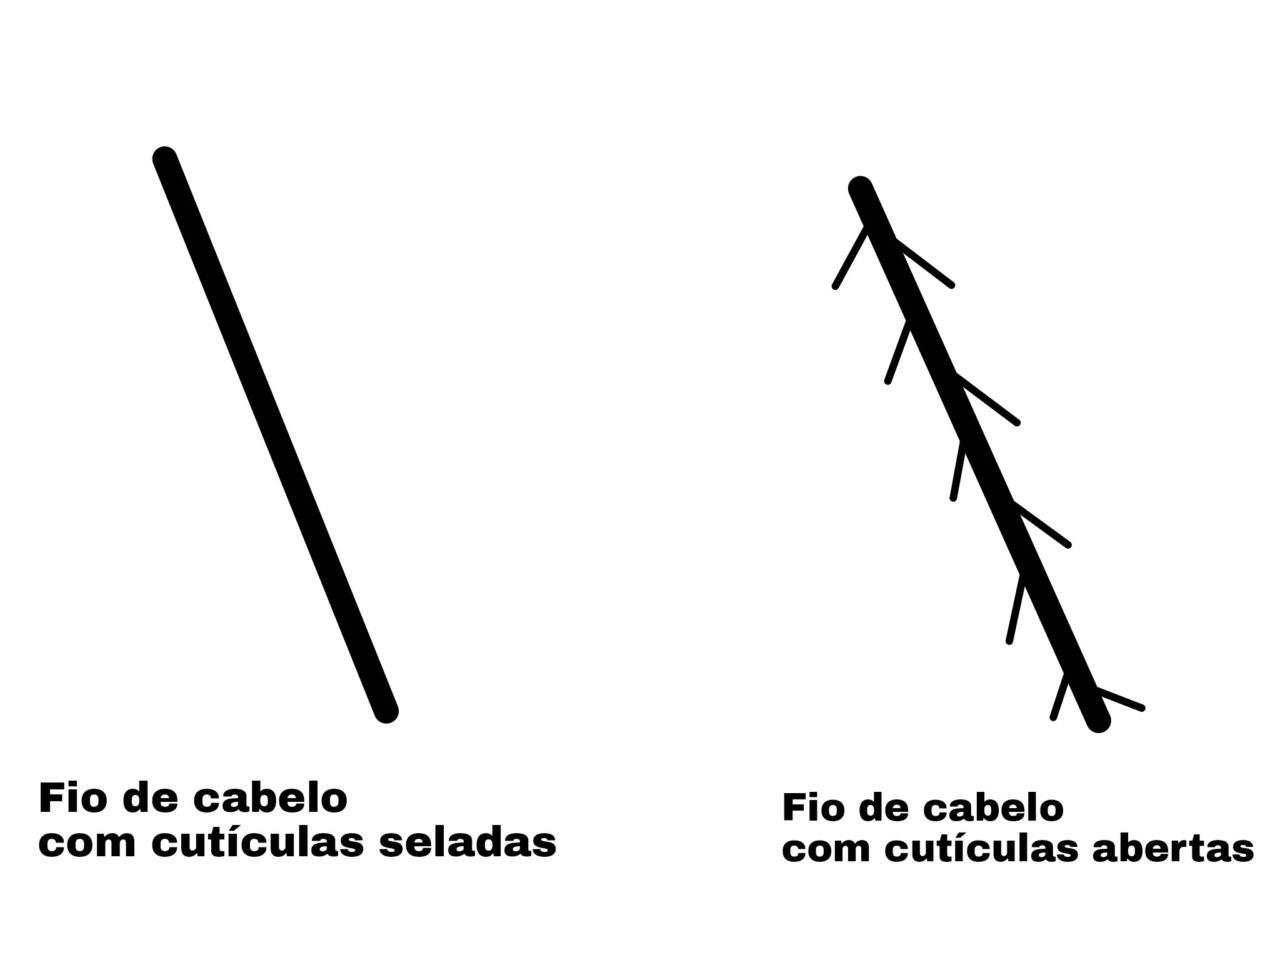 Representação do Fio de Cabelo